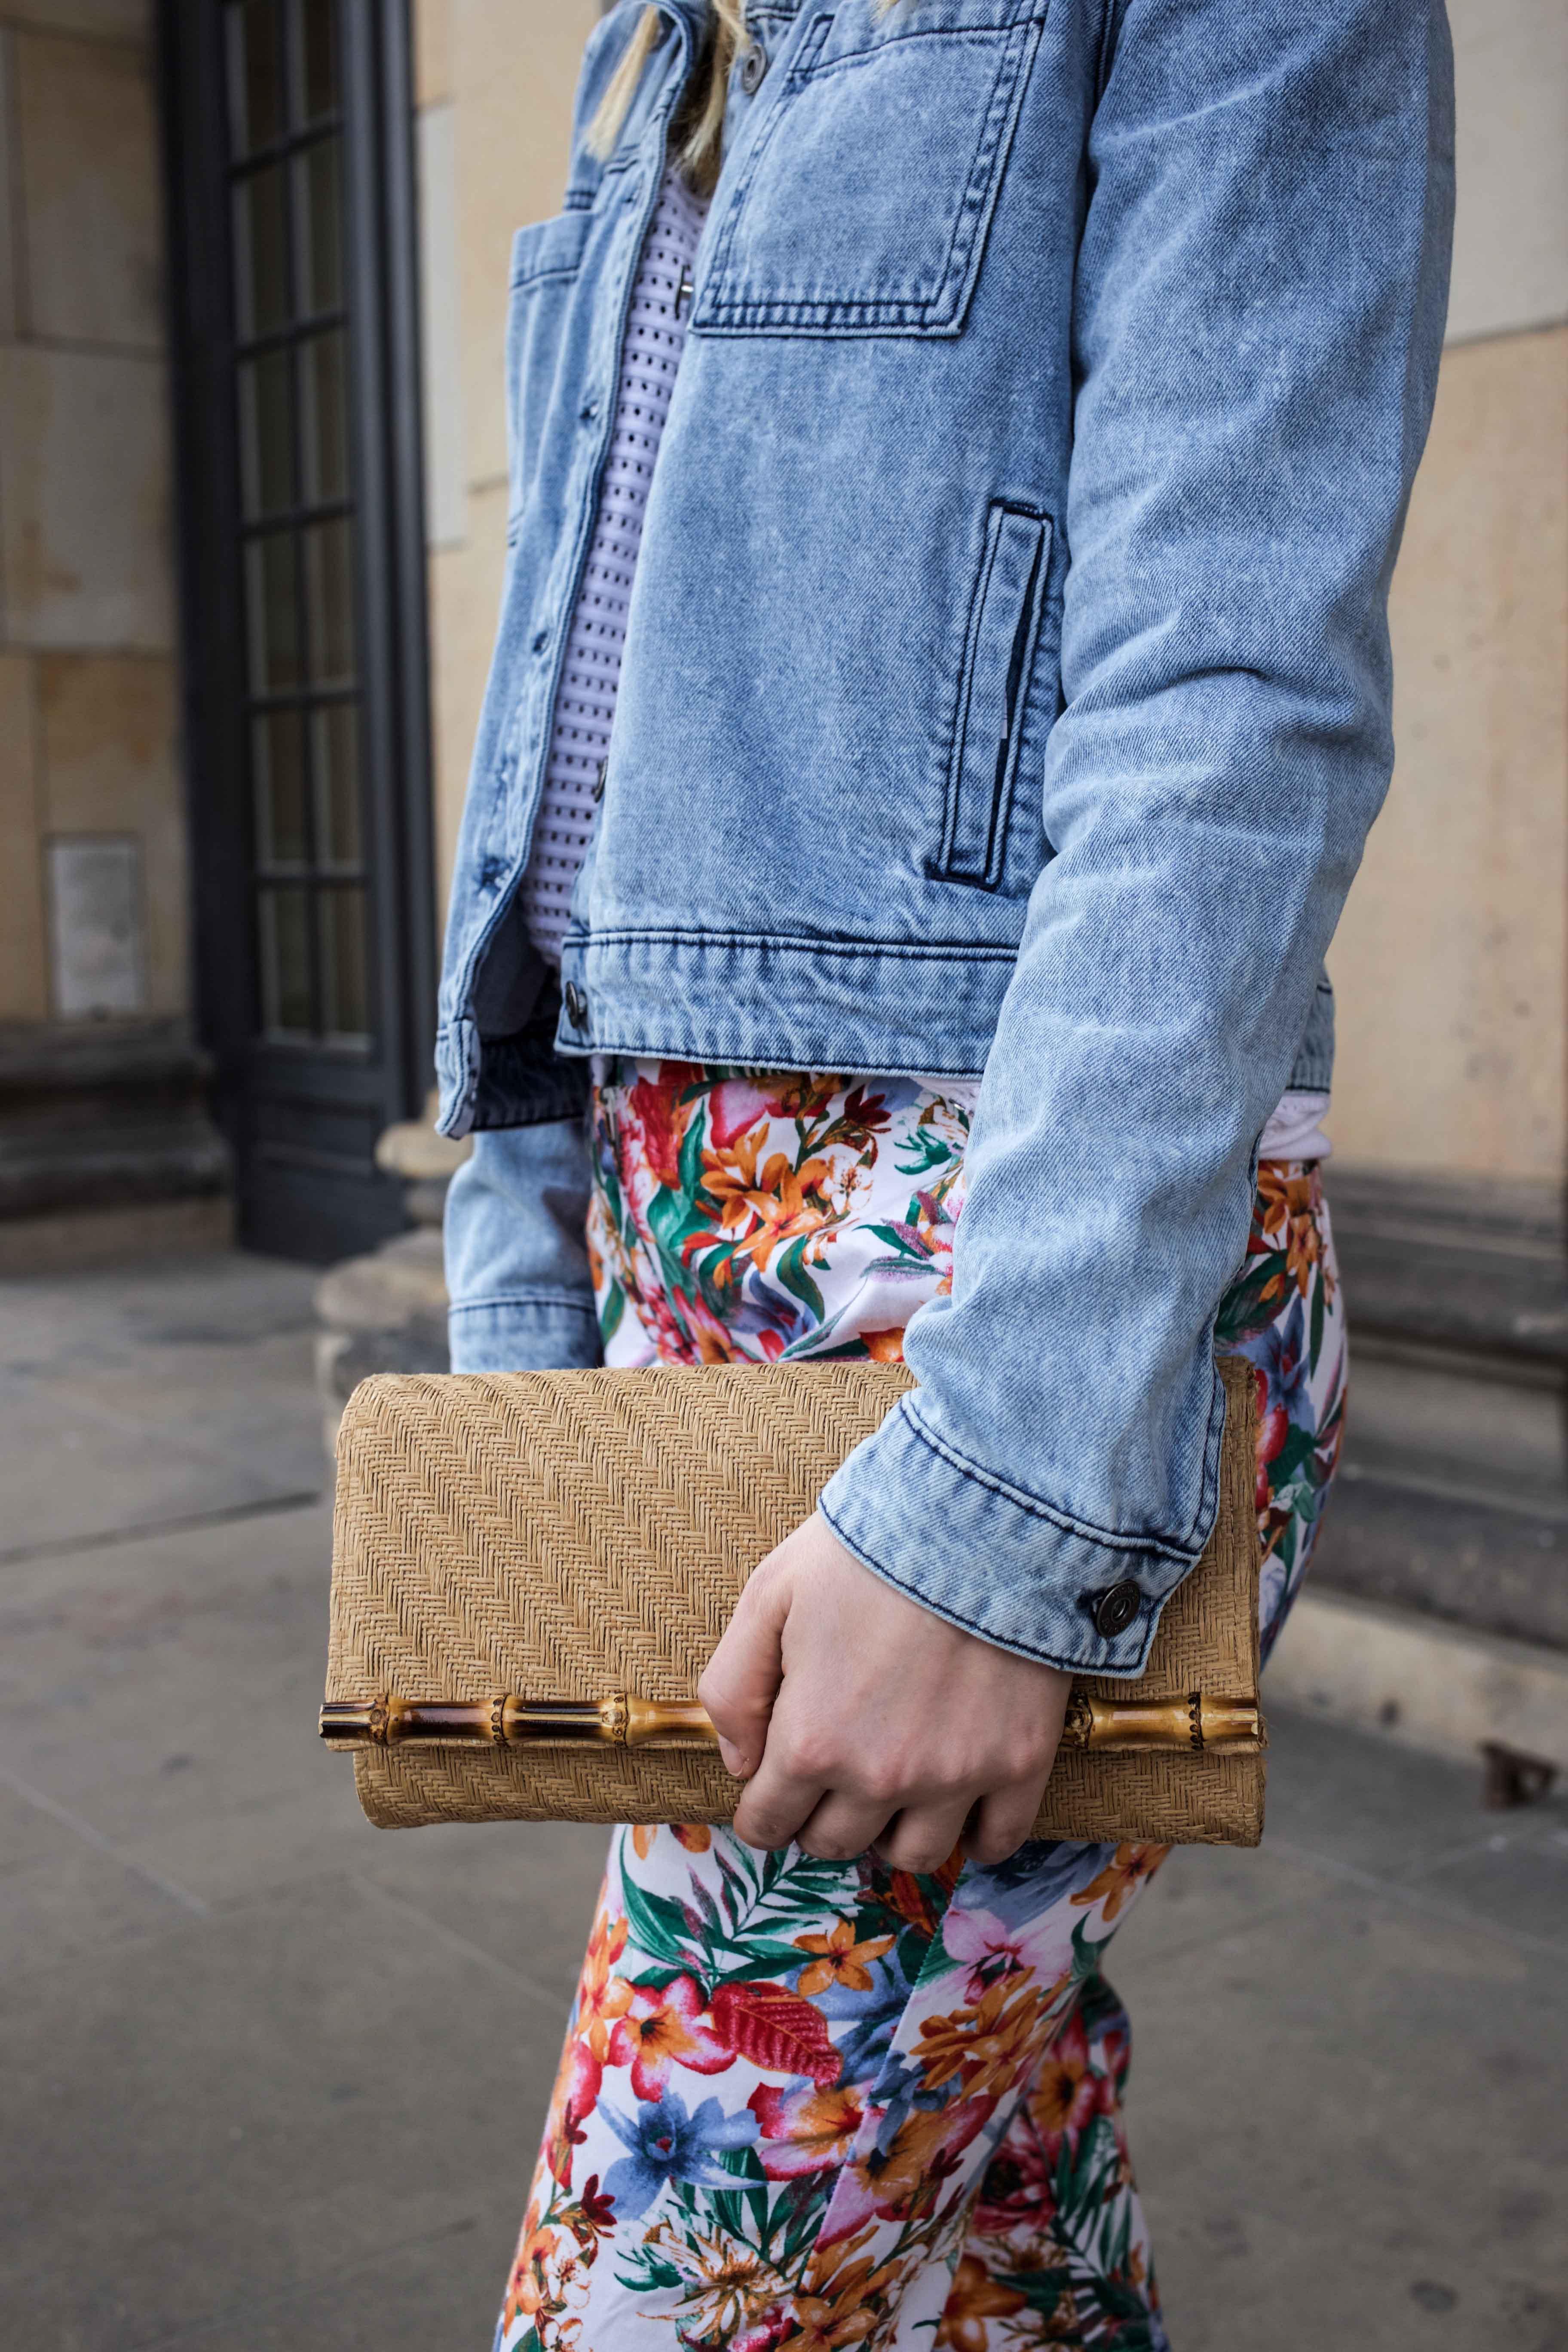 colorful-spring-destroyed-jeansjacke-frühling-berlin-fashionblog_5898